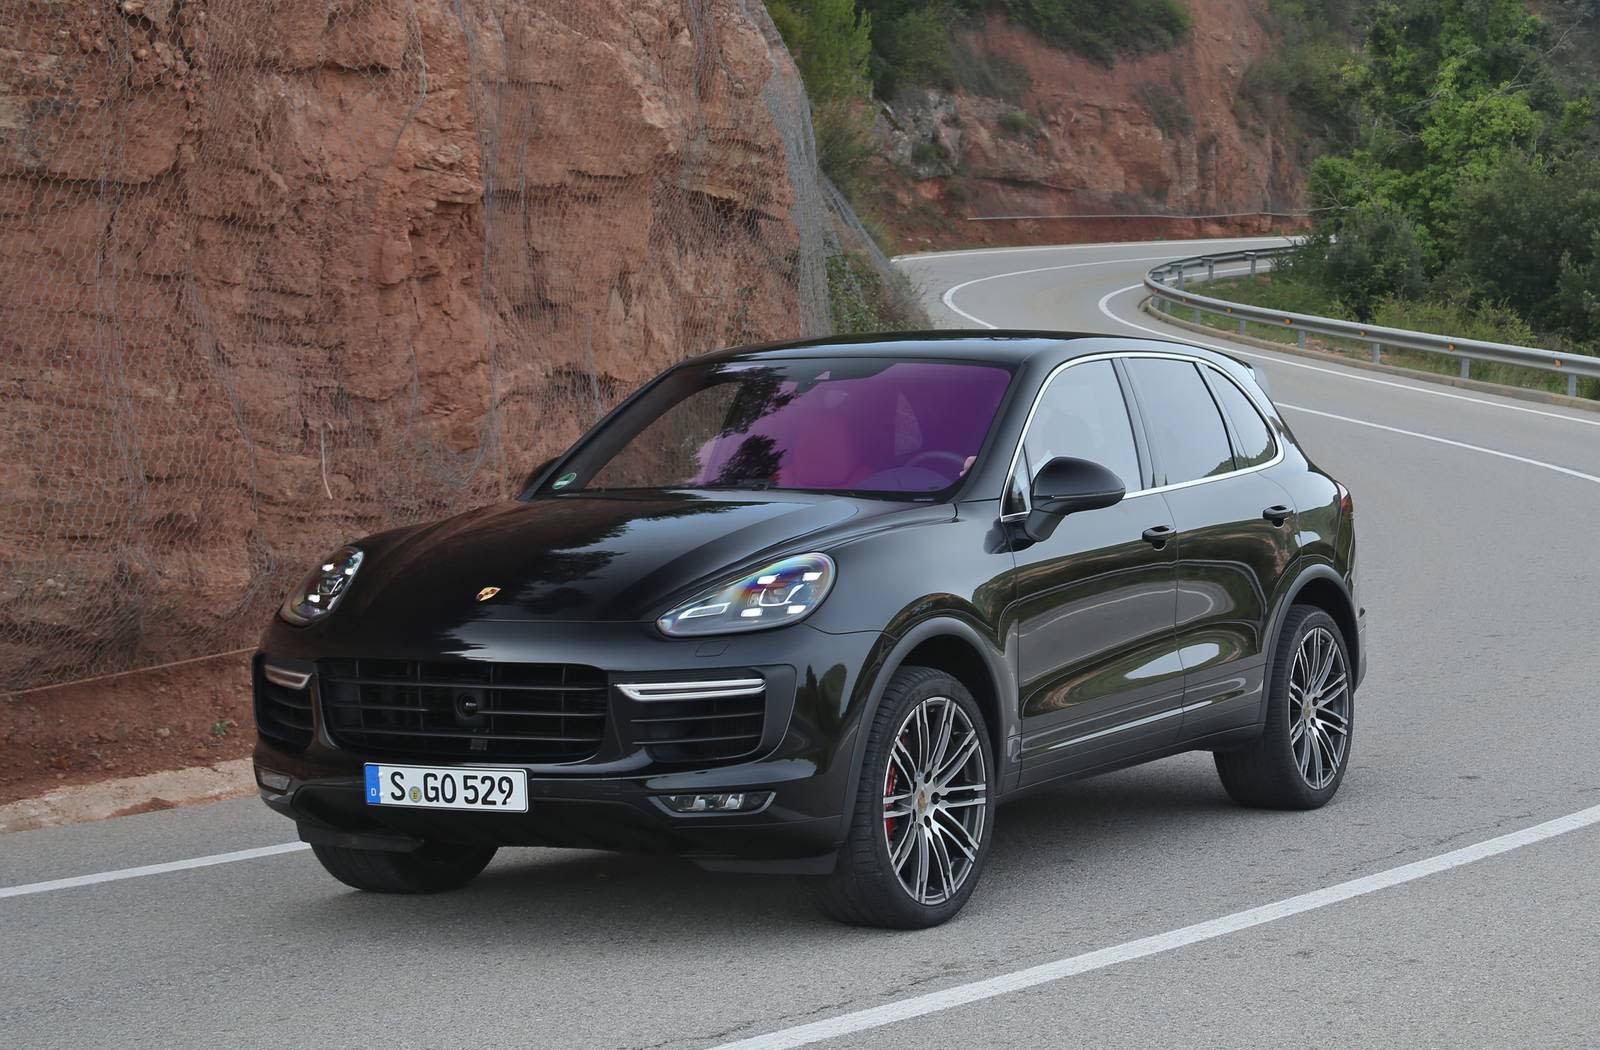 Топ-5 самых востребованных в РФ авто по цене свыше 5 млн рублей